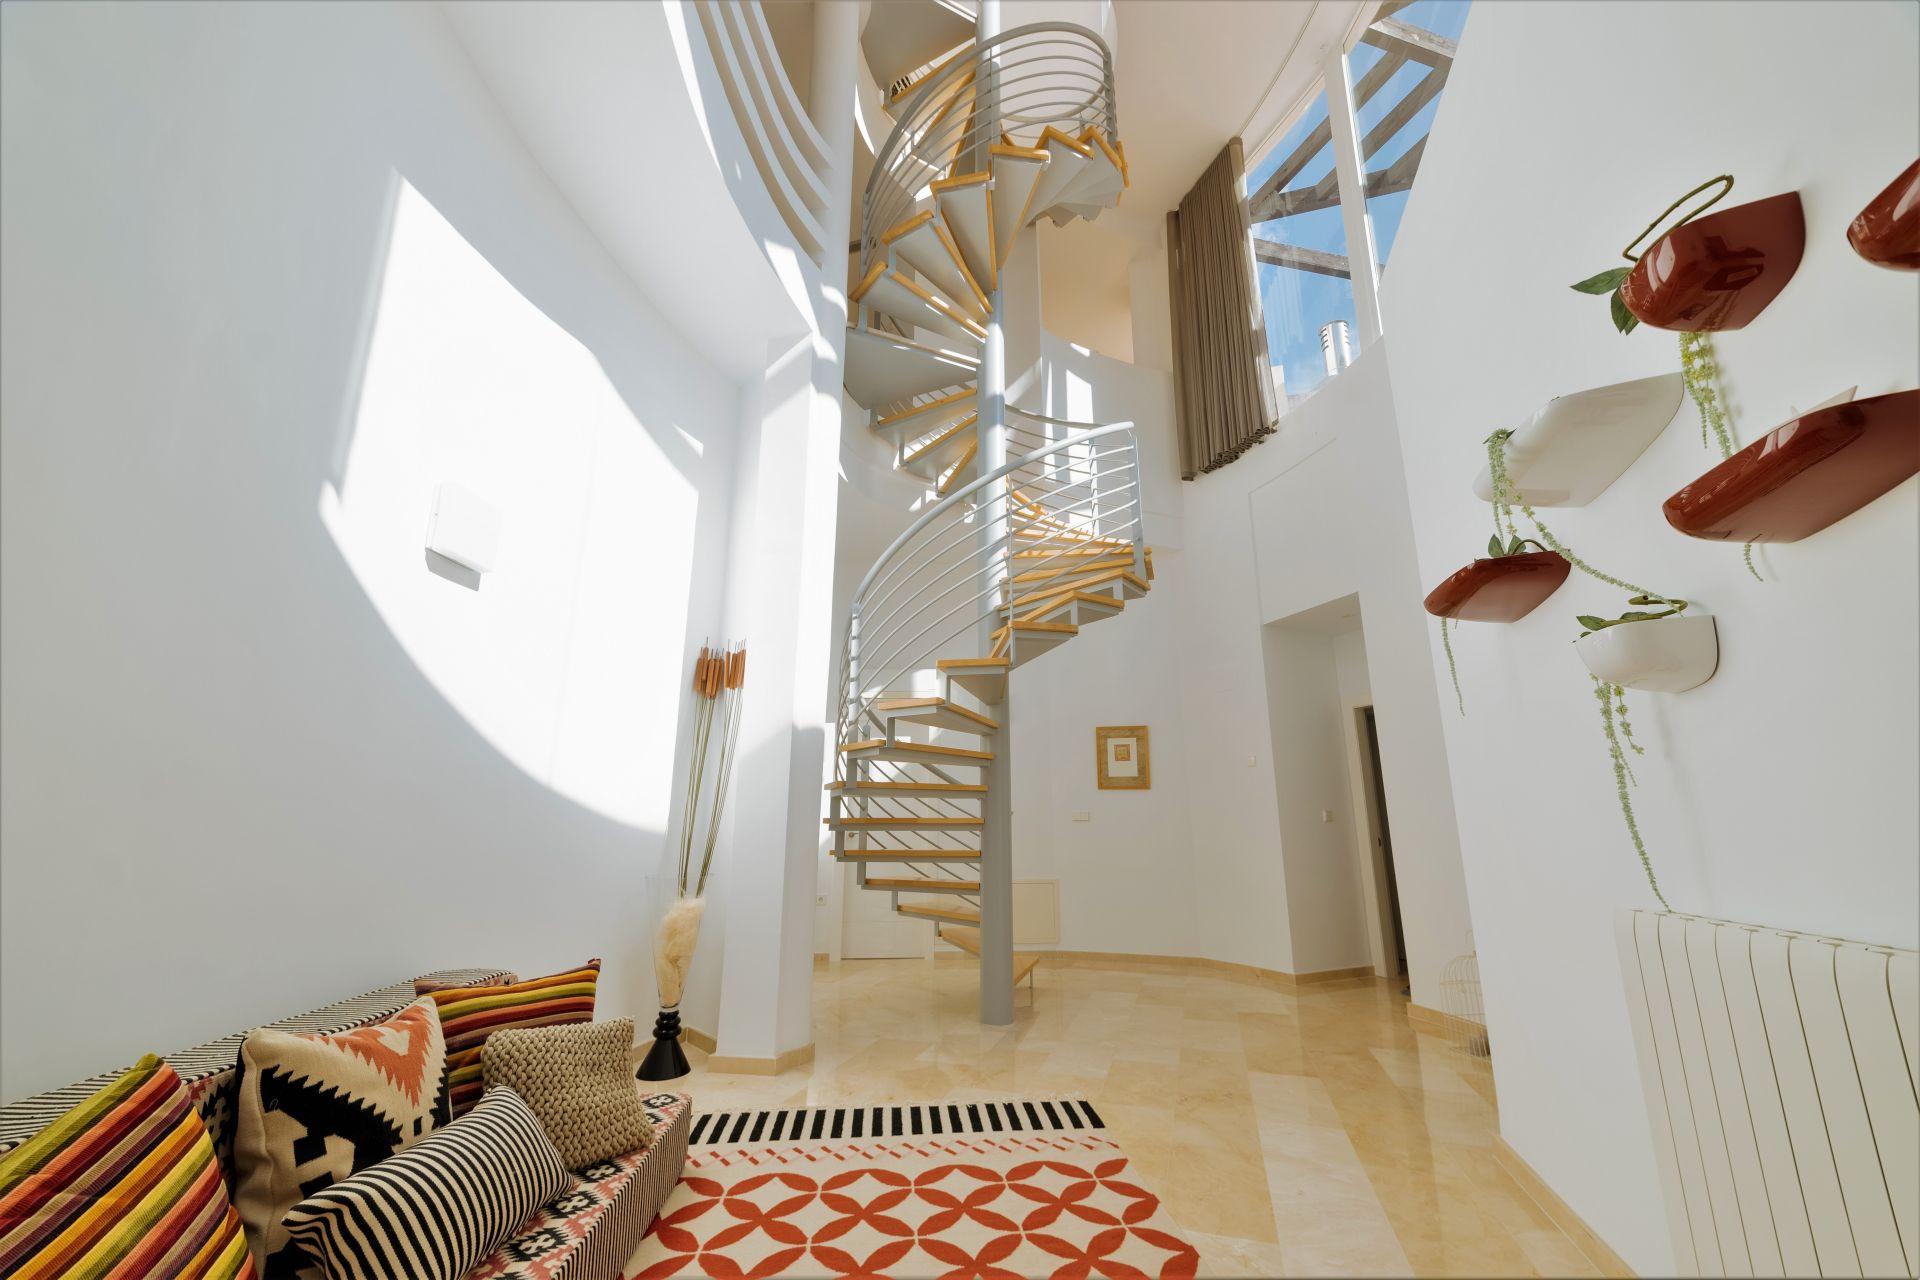 Villas with incredible views to the Mediterranean Sea in Altea 22